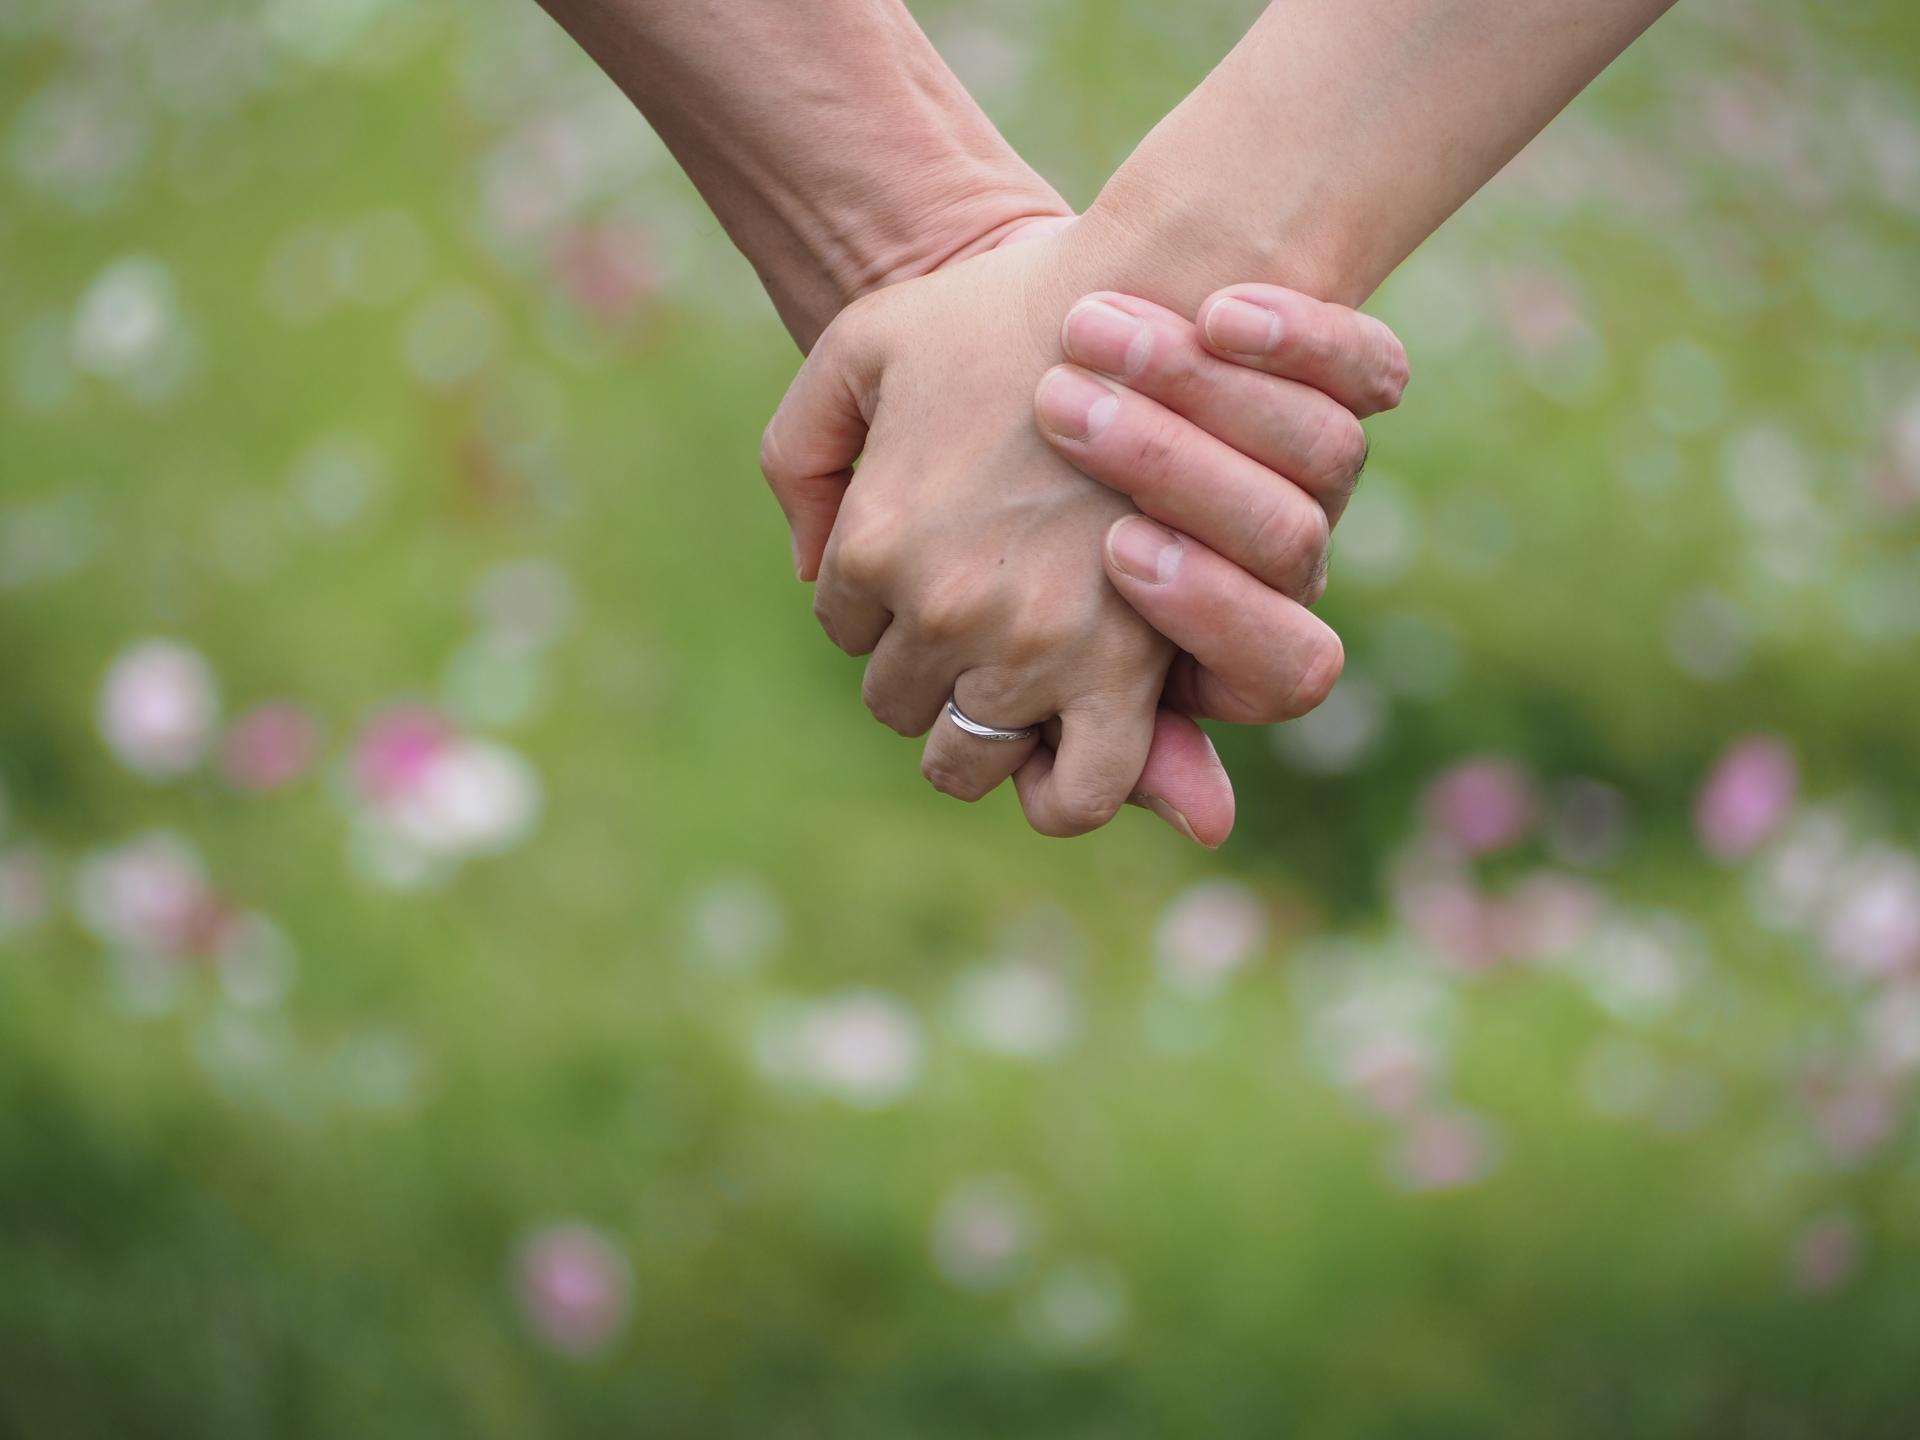 結婚相談所のお見合い婚で成婚したカップルの離婚率が低い3つの理由